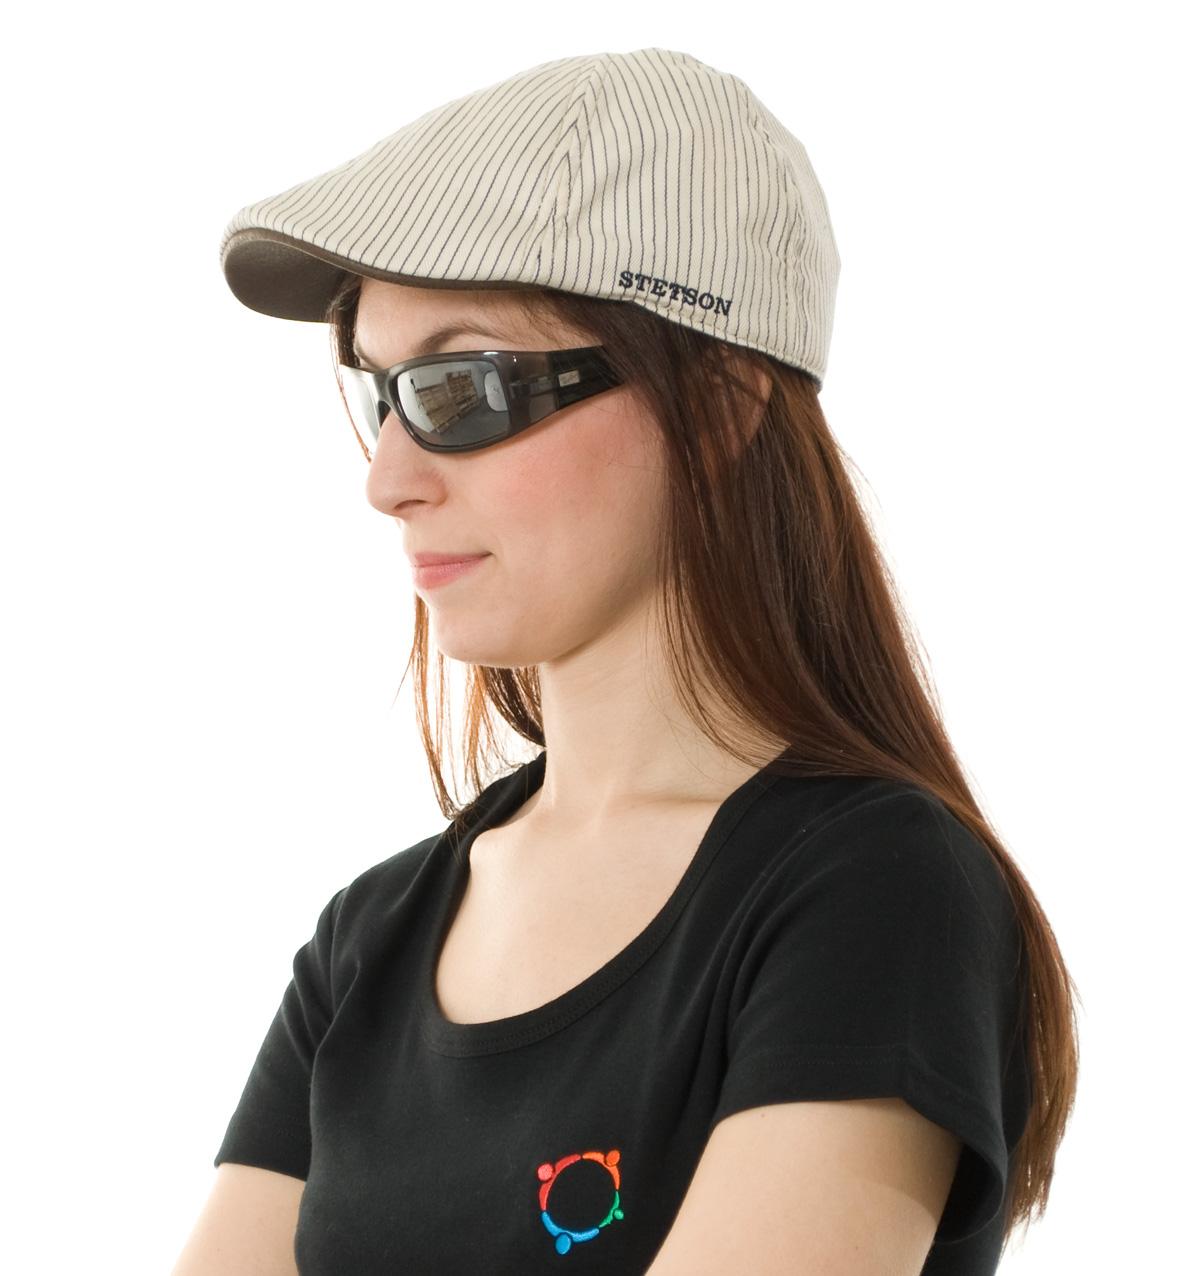 Letní bekovky (ploché čepice s kšiltem) jsou oblíbeným a platným funkčním  doplňkem. Chrání nejen před letními přeháňkami 87ccecff9b